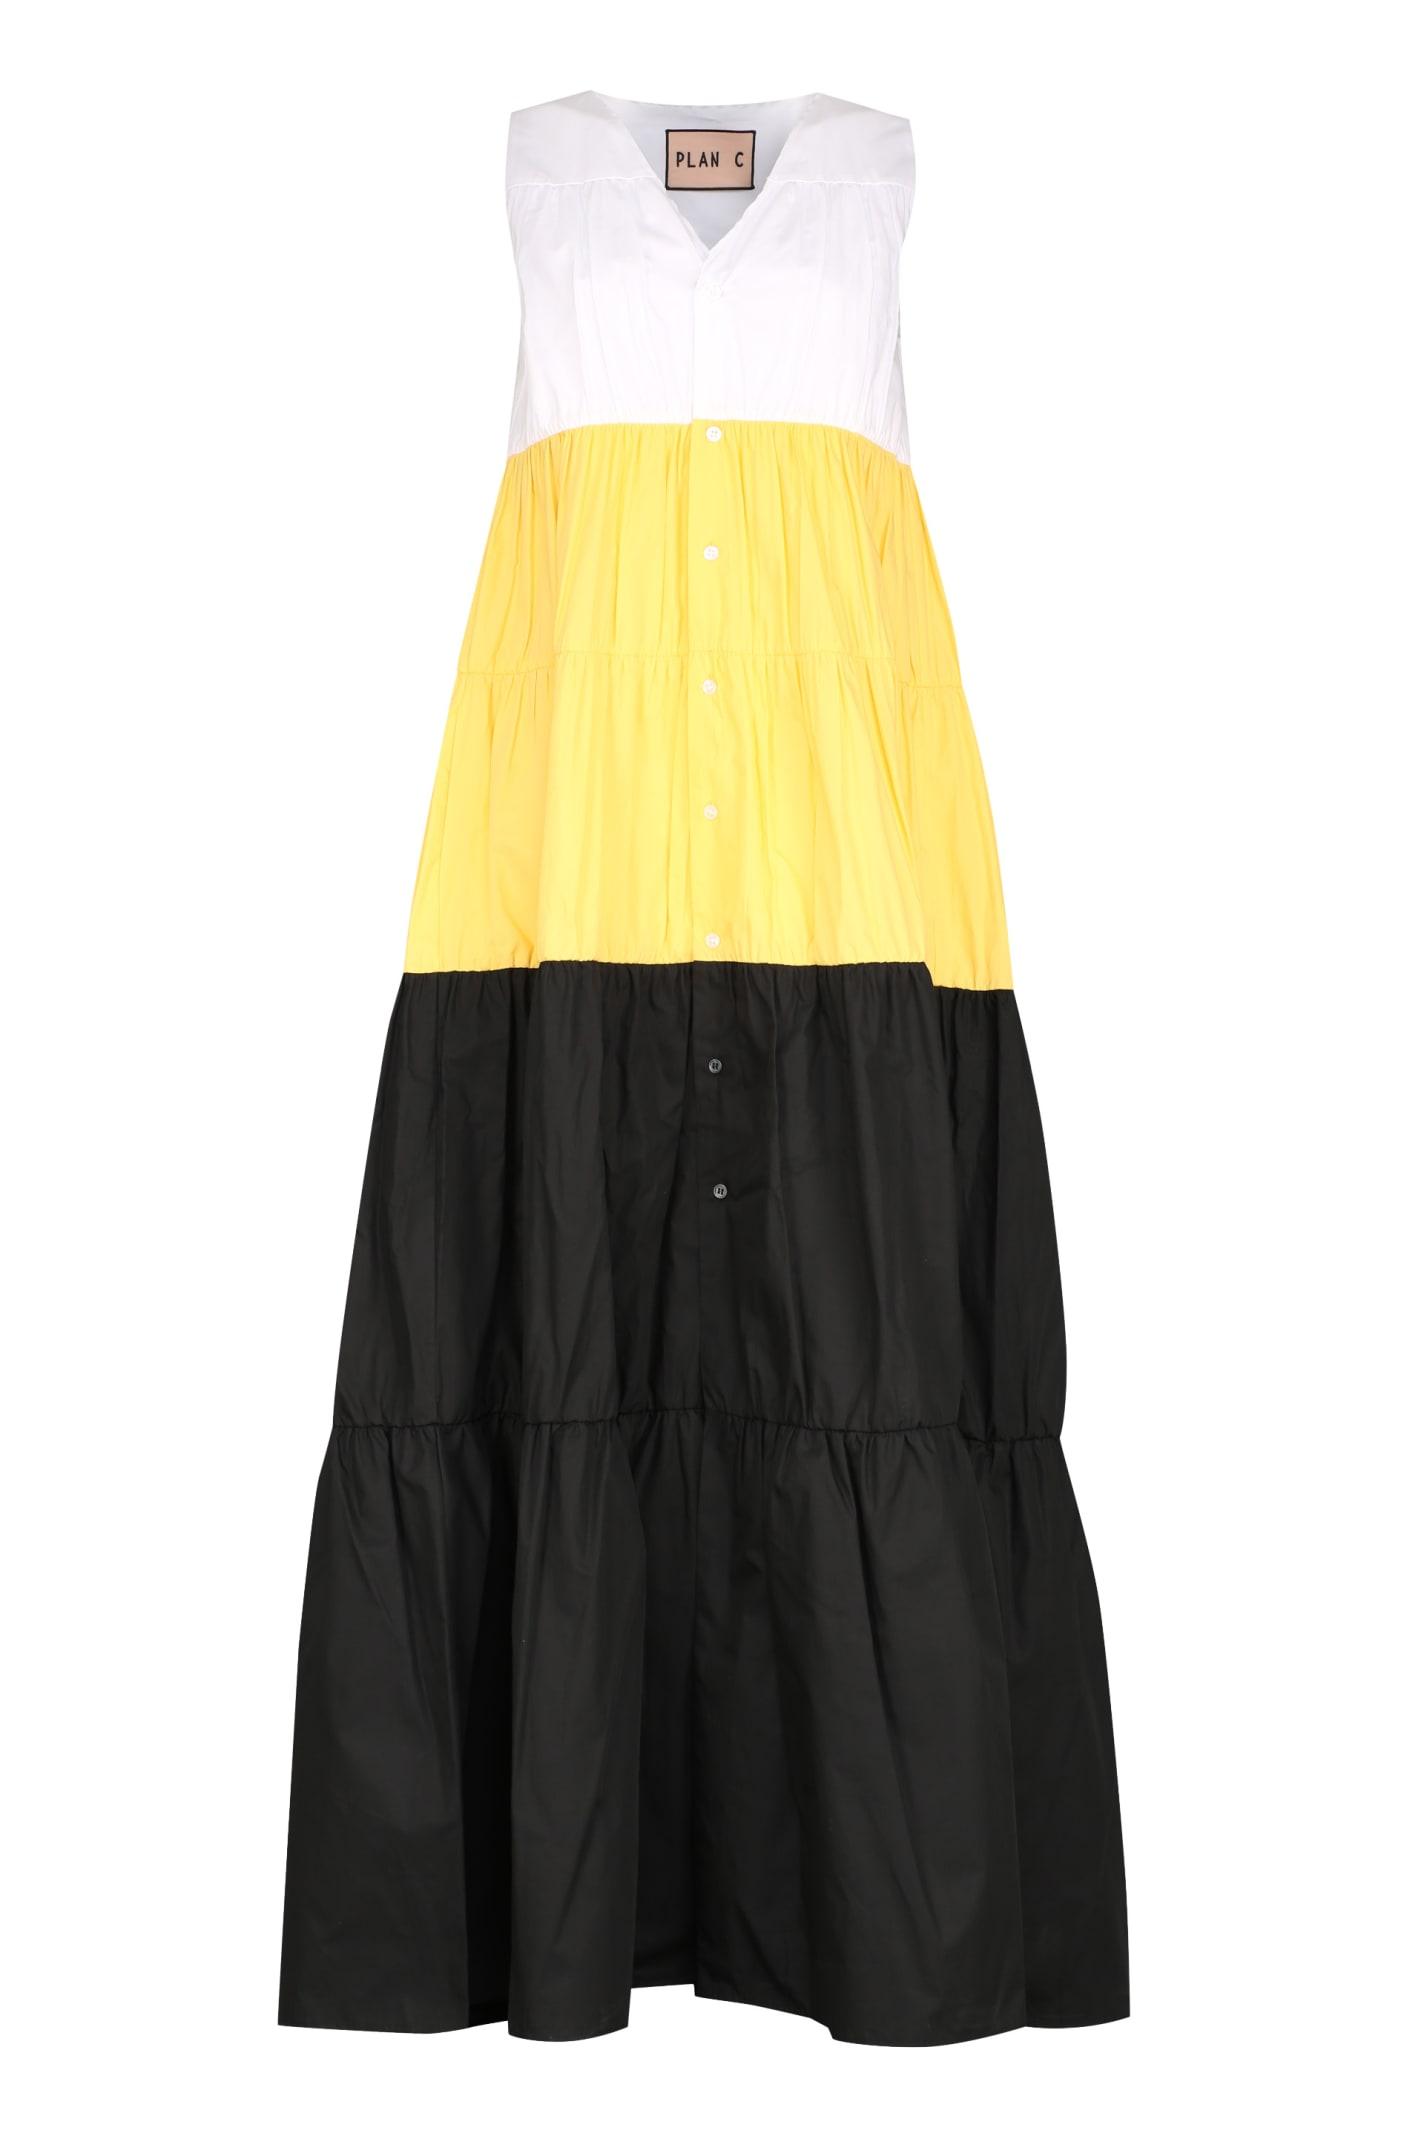 Plan C Cotton Long Dress